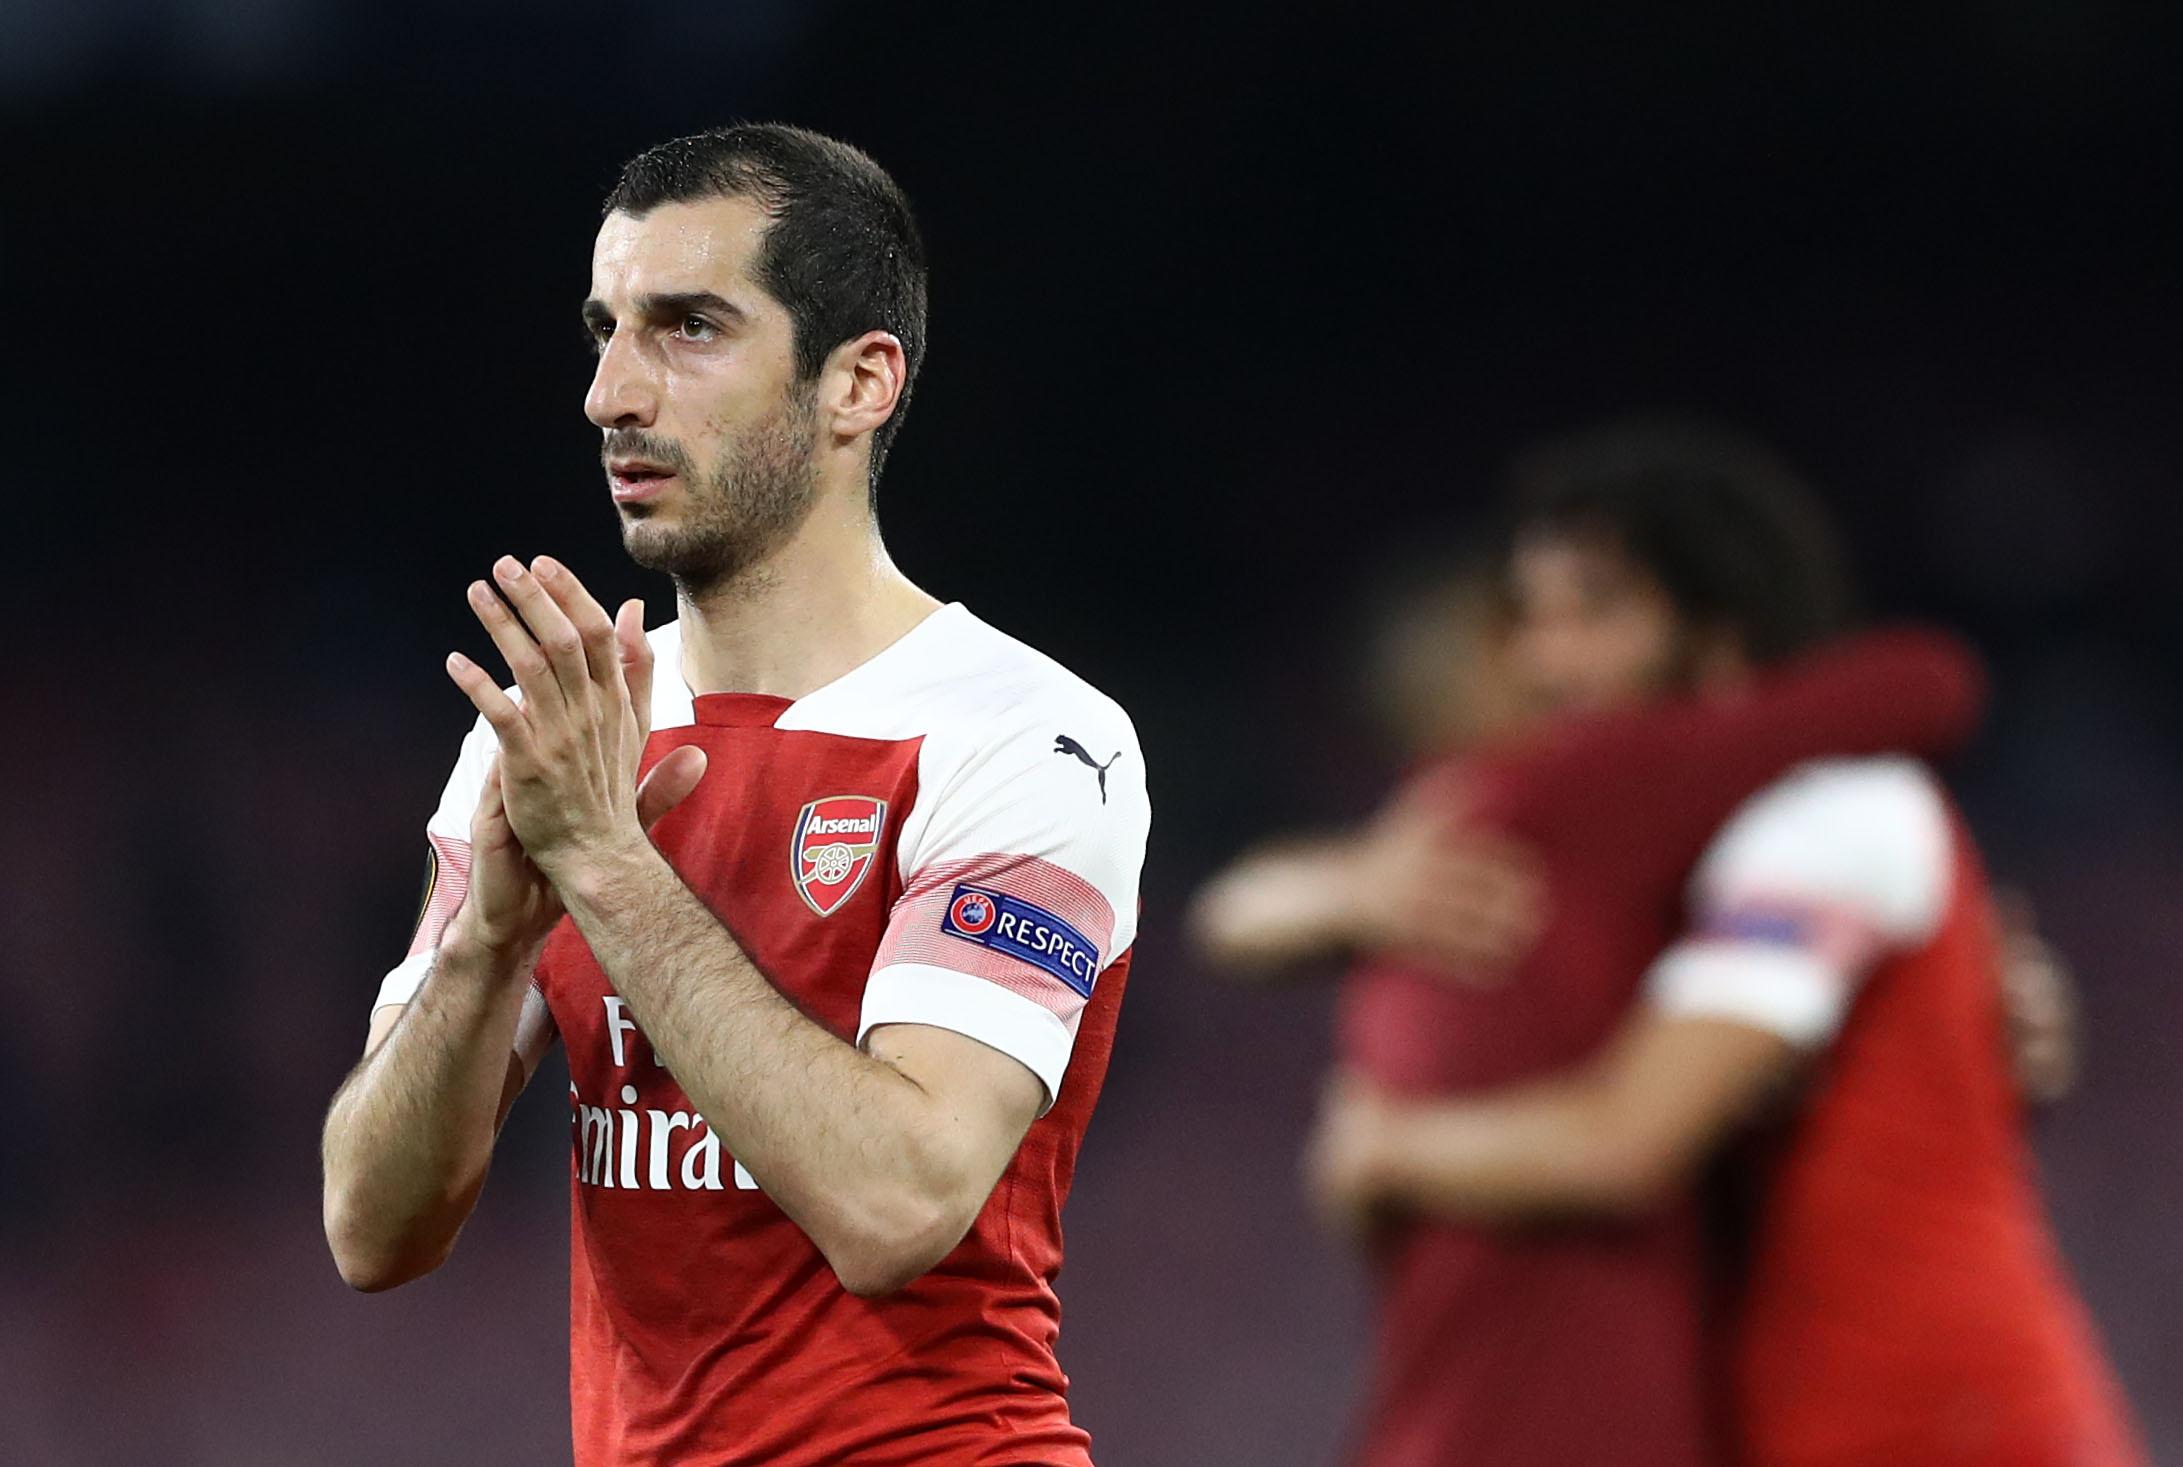 Örmény játékosa nélkül utazik a bakui Európa Liga-döntőre az Arsenal, az életét féltik